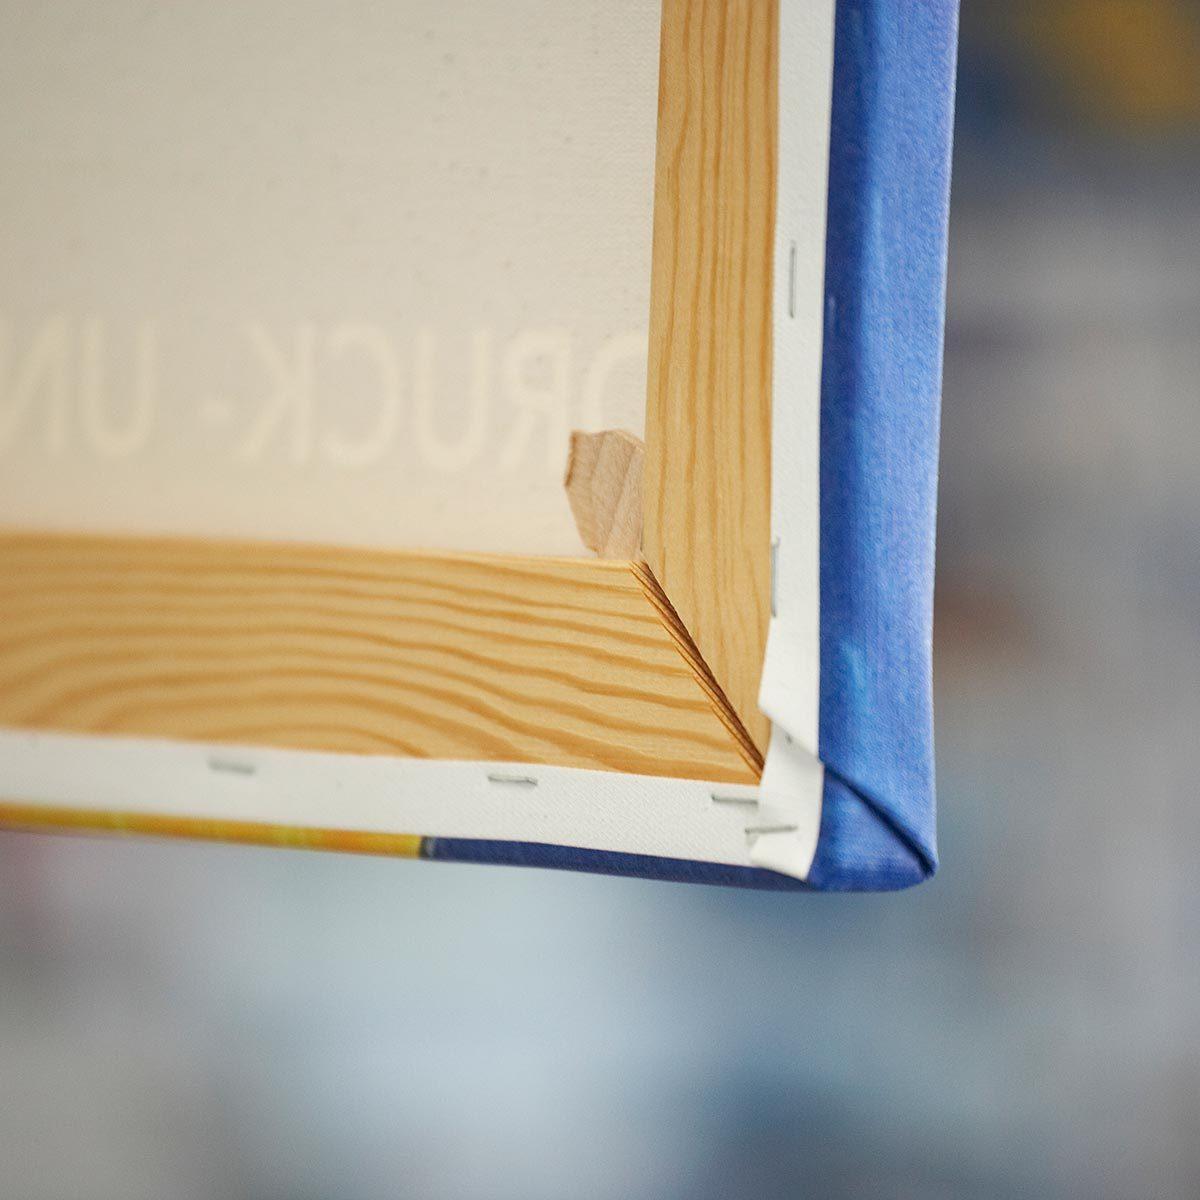 Leinwanddruck auf Holz-Keilrahmen aufgezogen